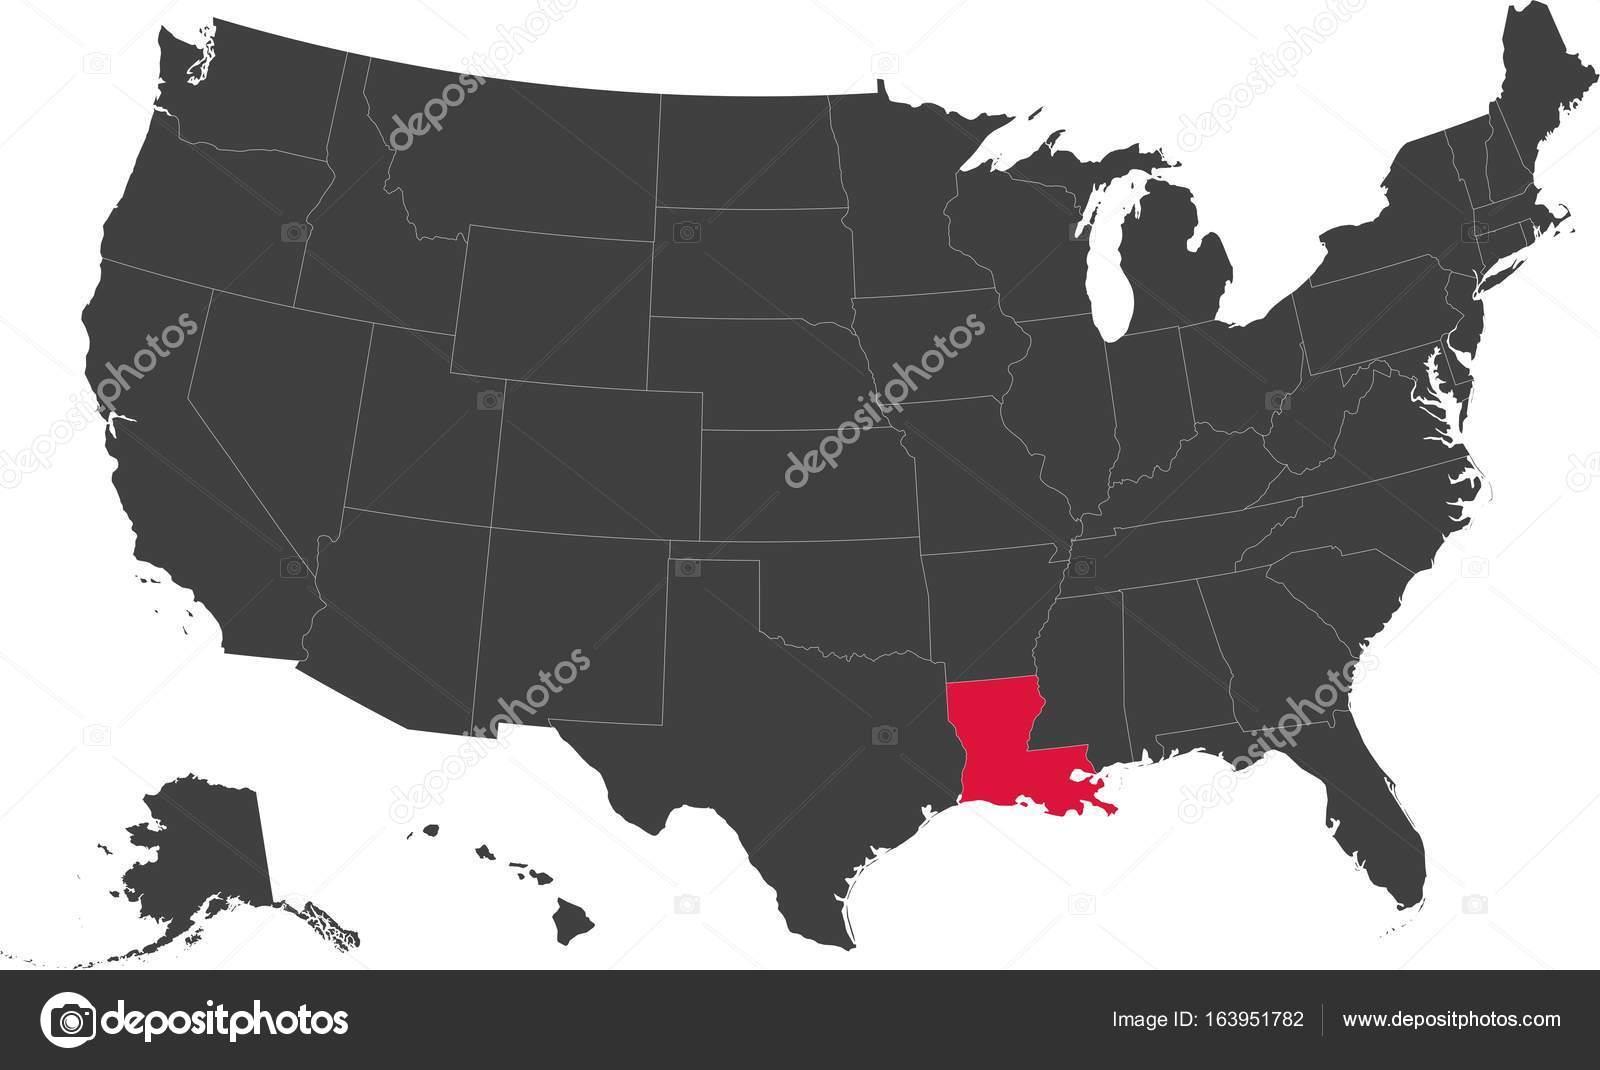 louisiana on a map of the usa Map Of Louisiana Usa Stock Vector C Bohuslavauhlirova Biz louisiana on a map of the usa